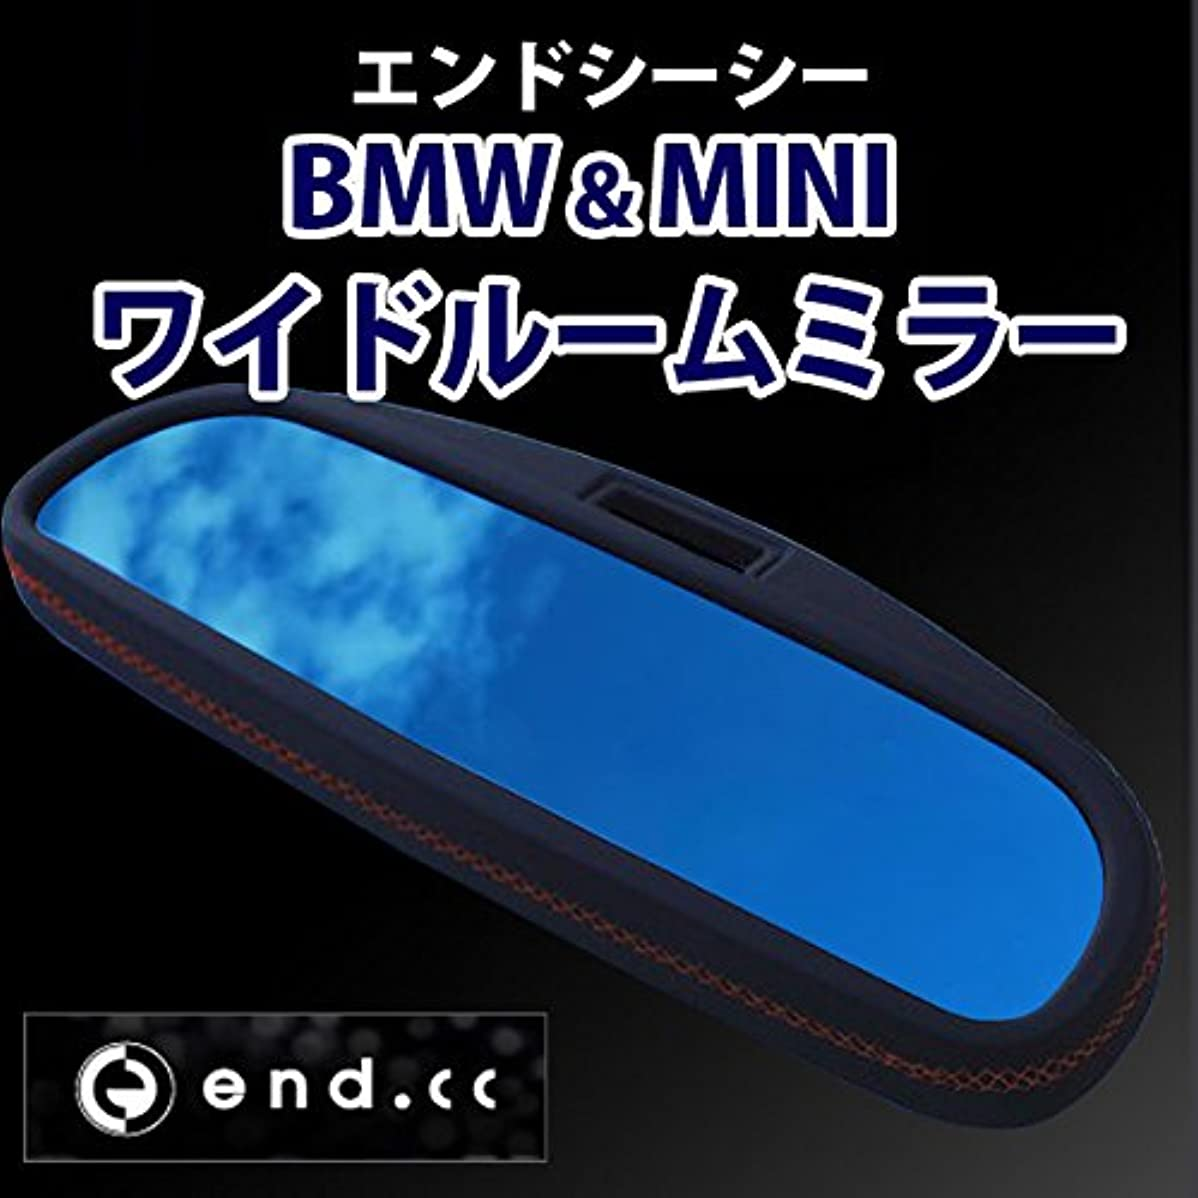 カイウス簡単に印象派エンドシーシー(end.cc) BMW/MINI ワイドルームミラーVer.2 ブラックレザー&レッドステッチ